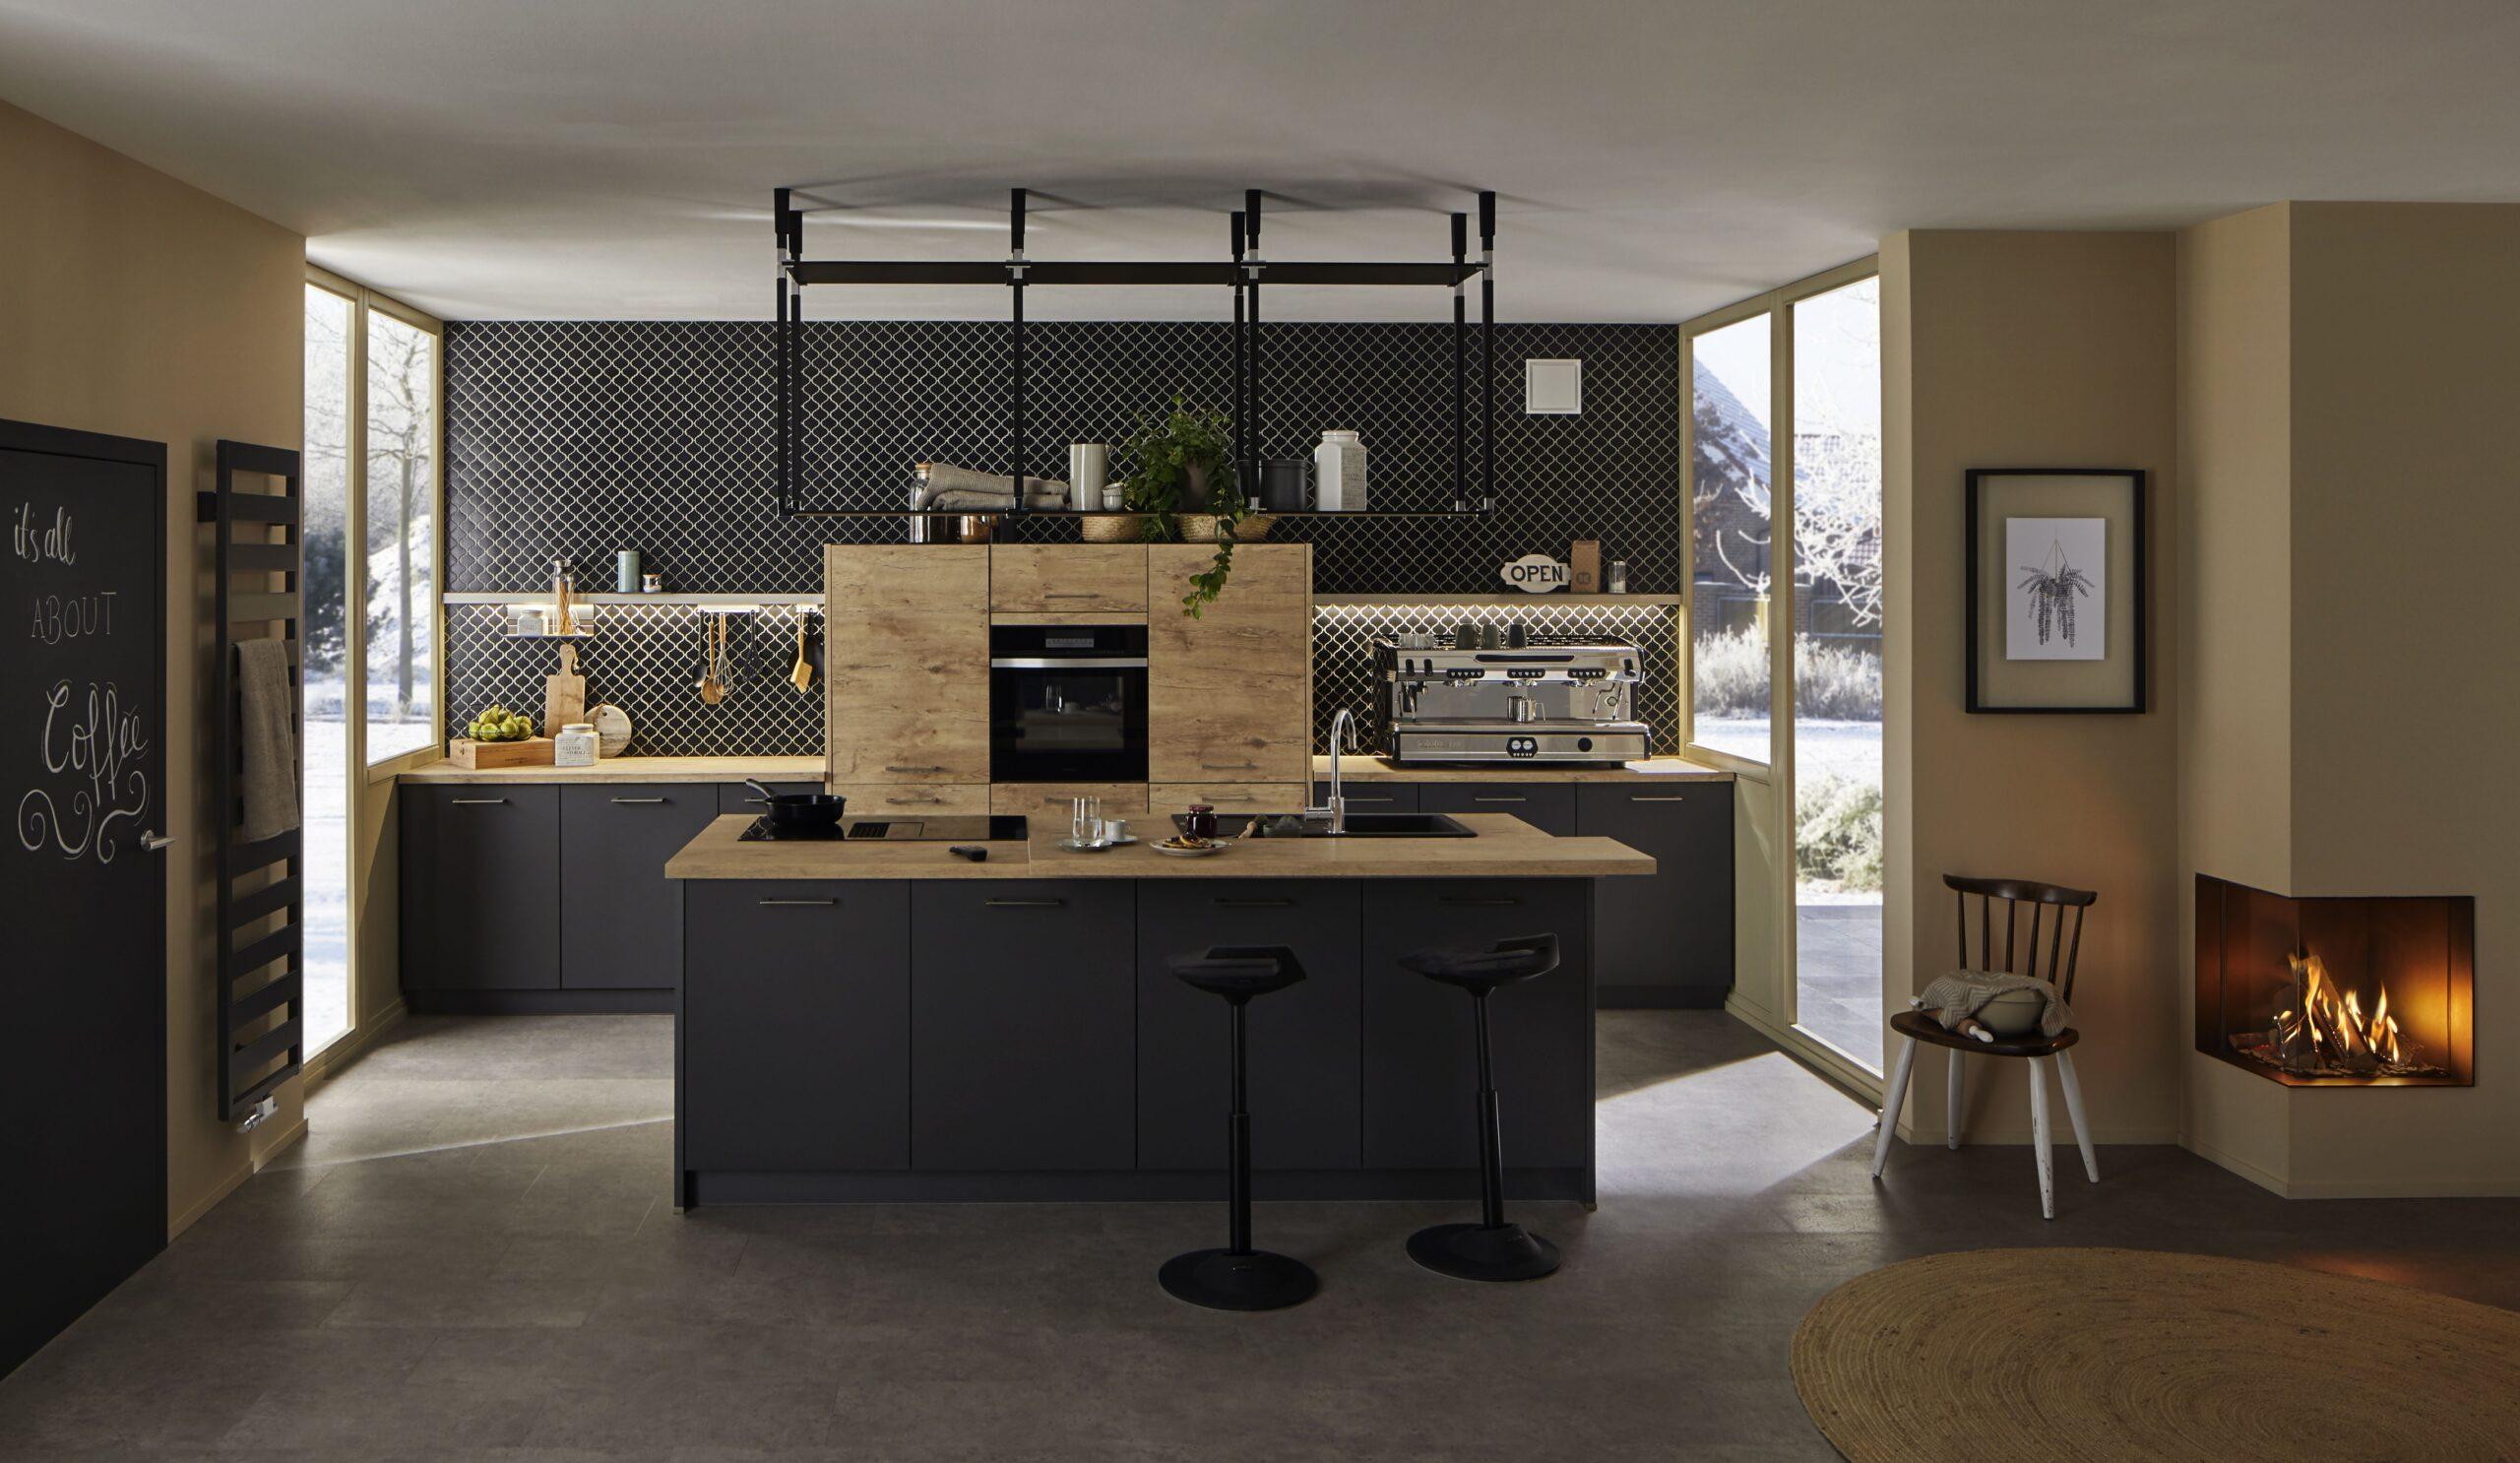 Full Size of Modern Kitchen Kitchendesign Kche Modernkitchendesign Hängeregal Küche Wohnzimmer Hängeregal Kücheninsel